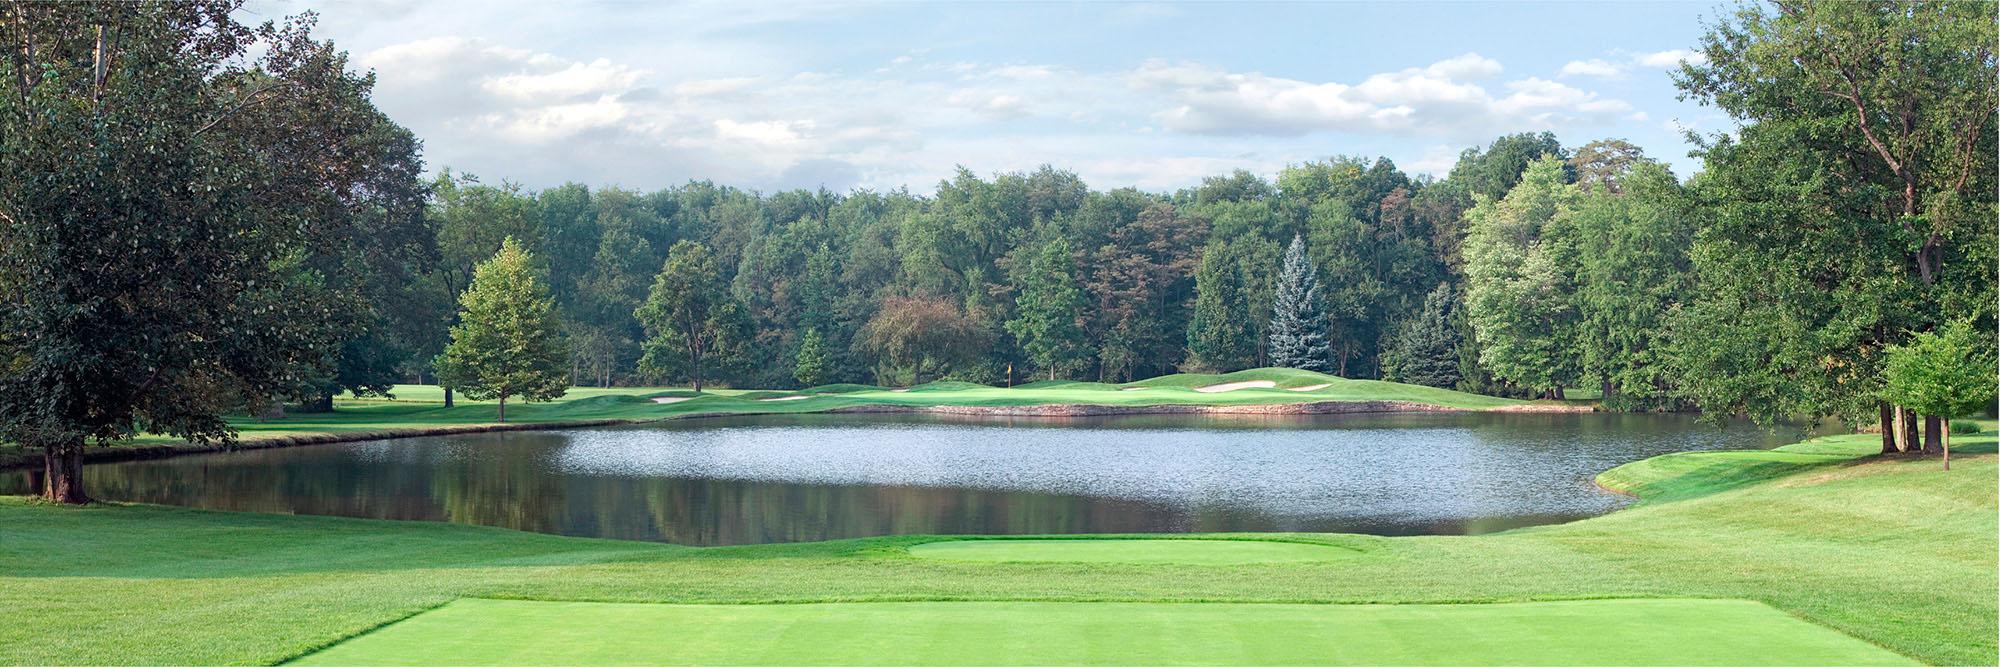 Golf Course Image - Laurel Valley No. 14